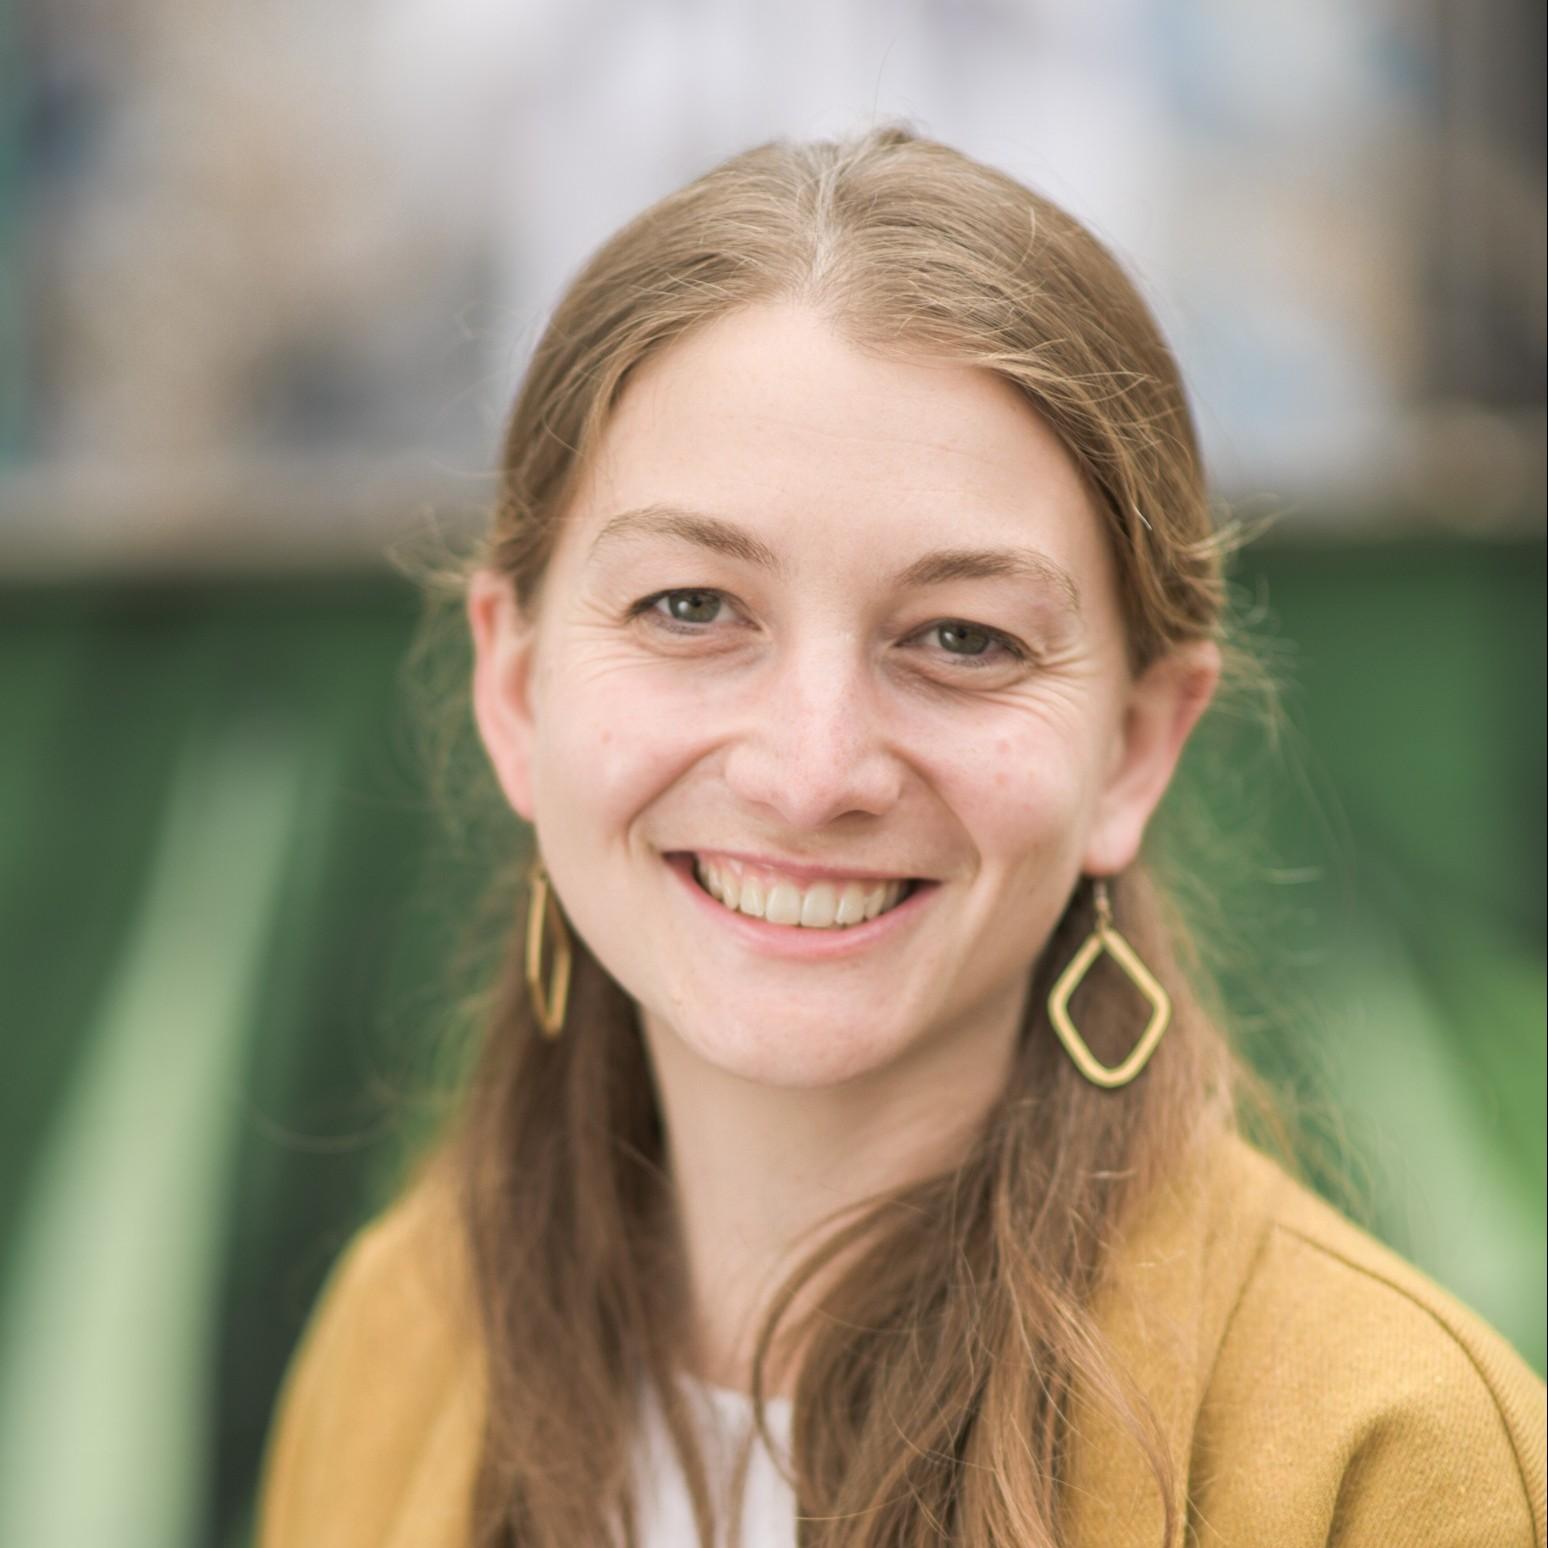 Julie Habersetzer